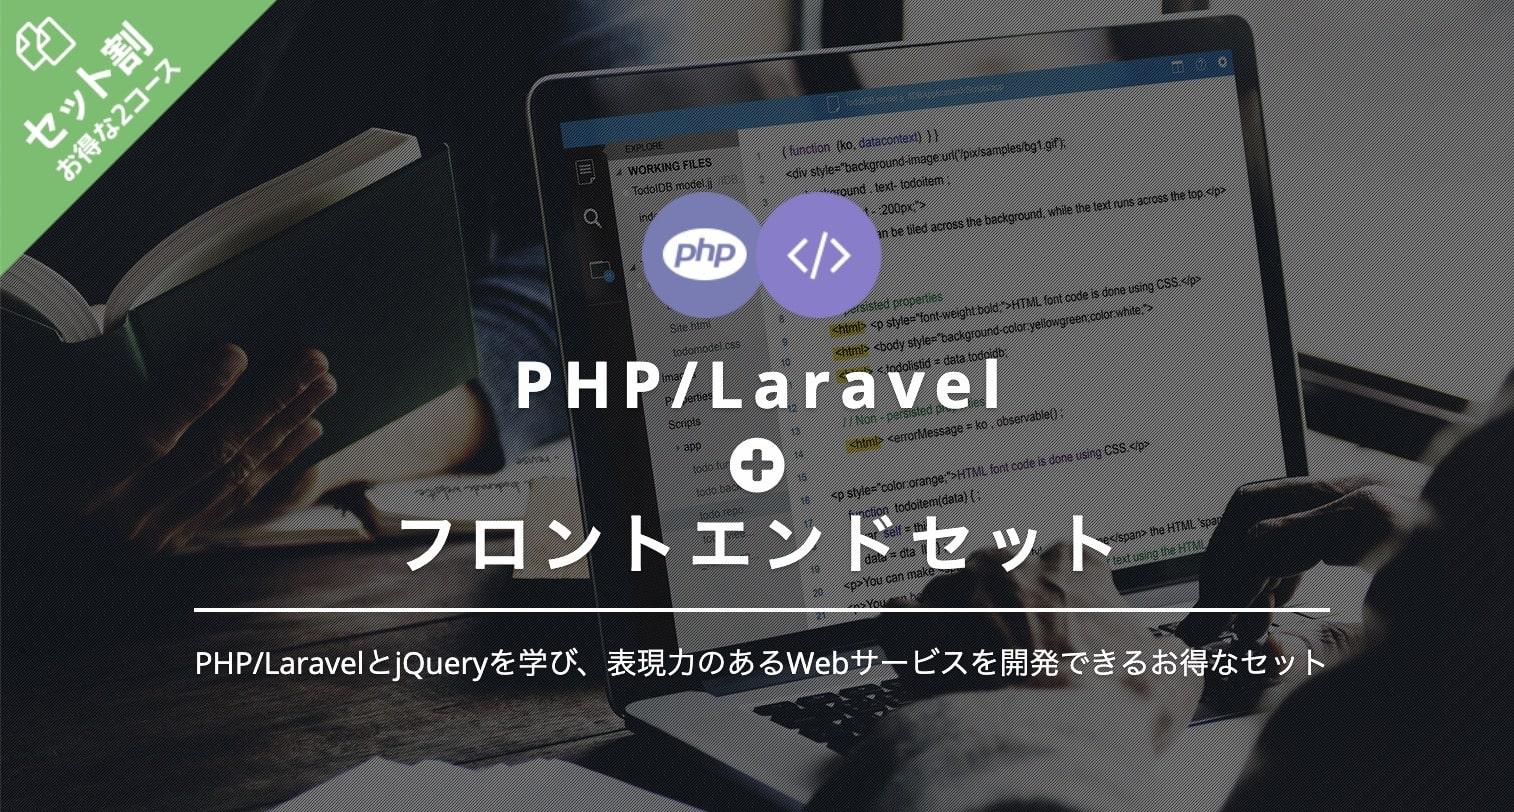 PHP/Laravel+フロントエンドセットの料金|TechAcademy(テックアカデミー)2セット